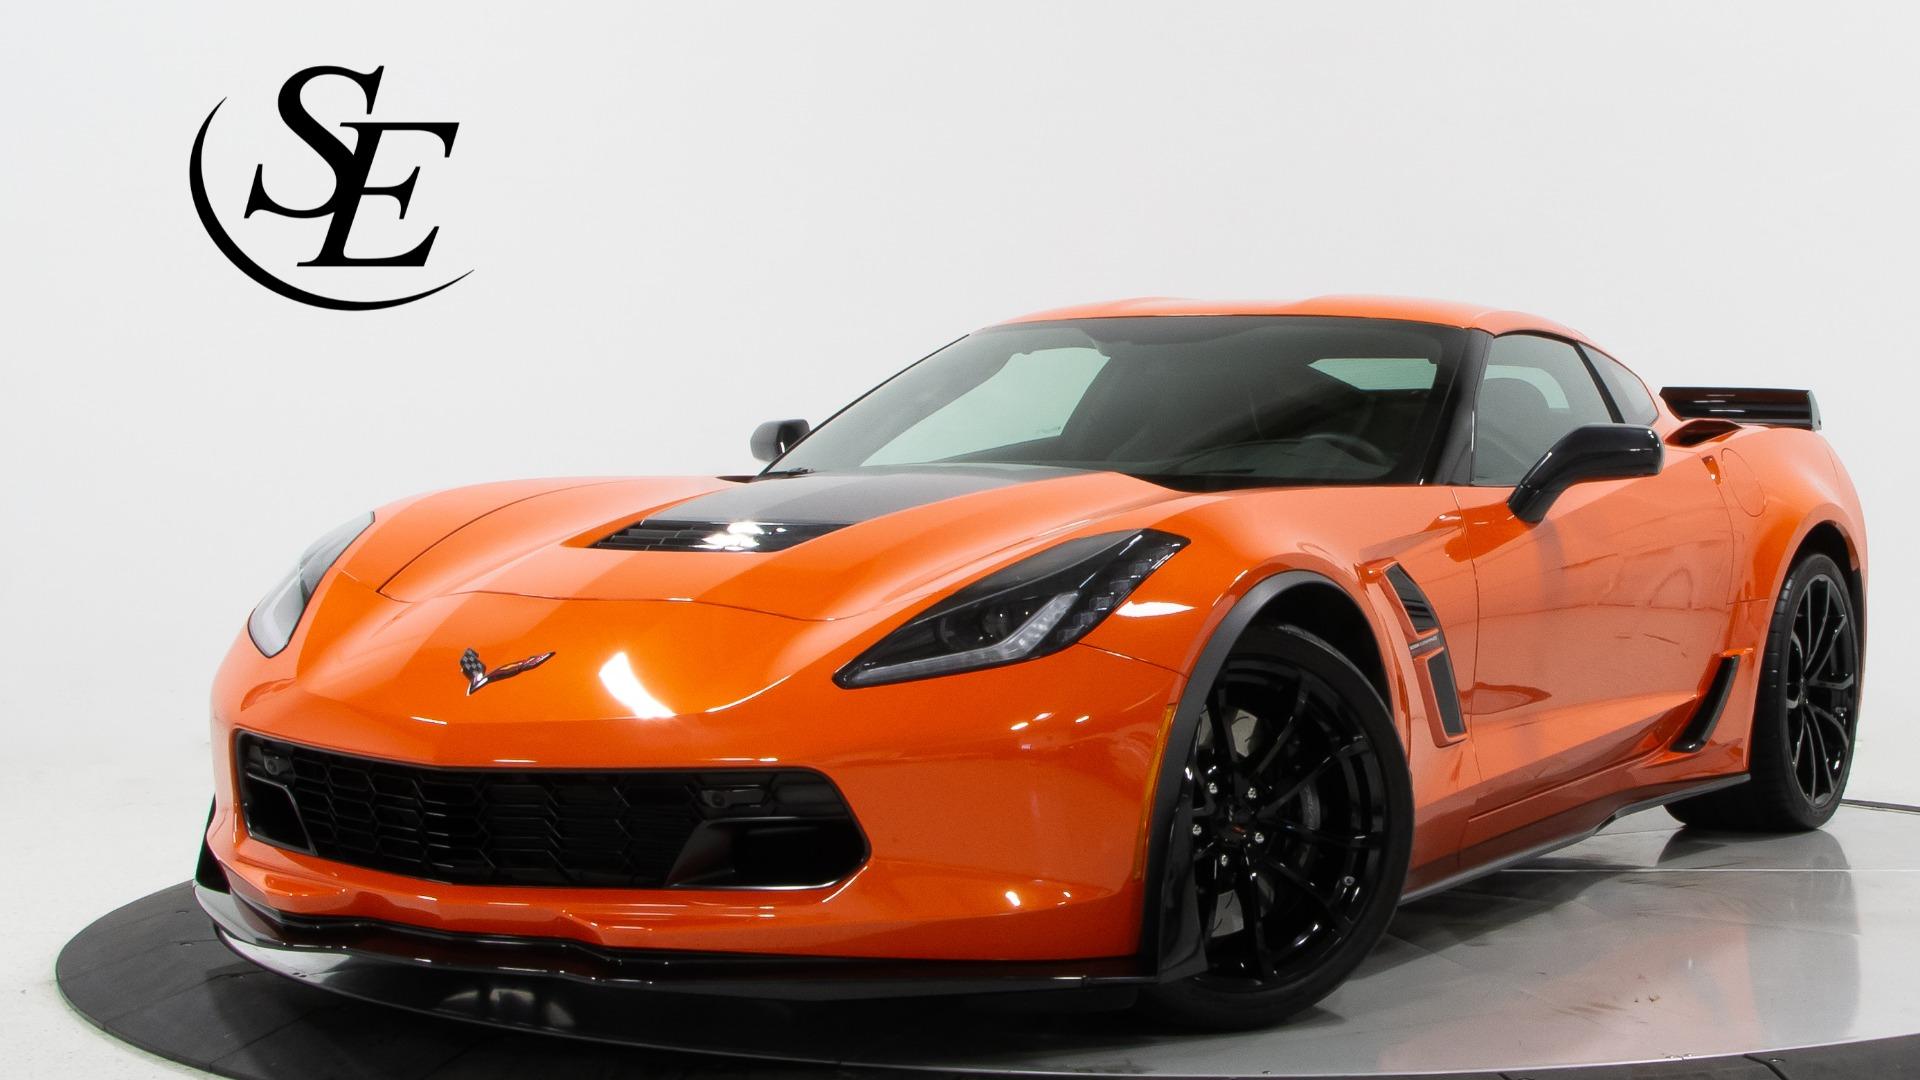 2019 Chevrolet Corvette Grand Sport 3lt Stock 22734 For